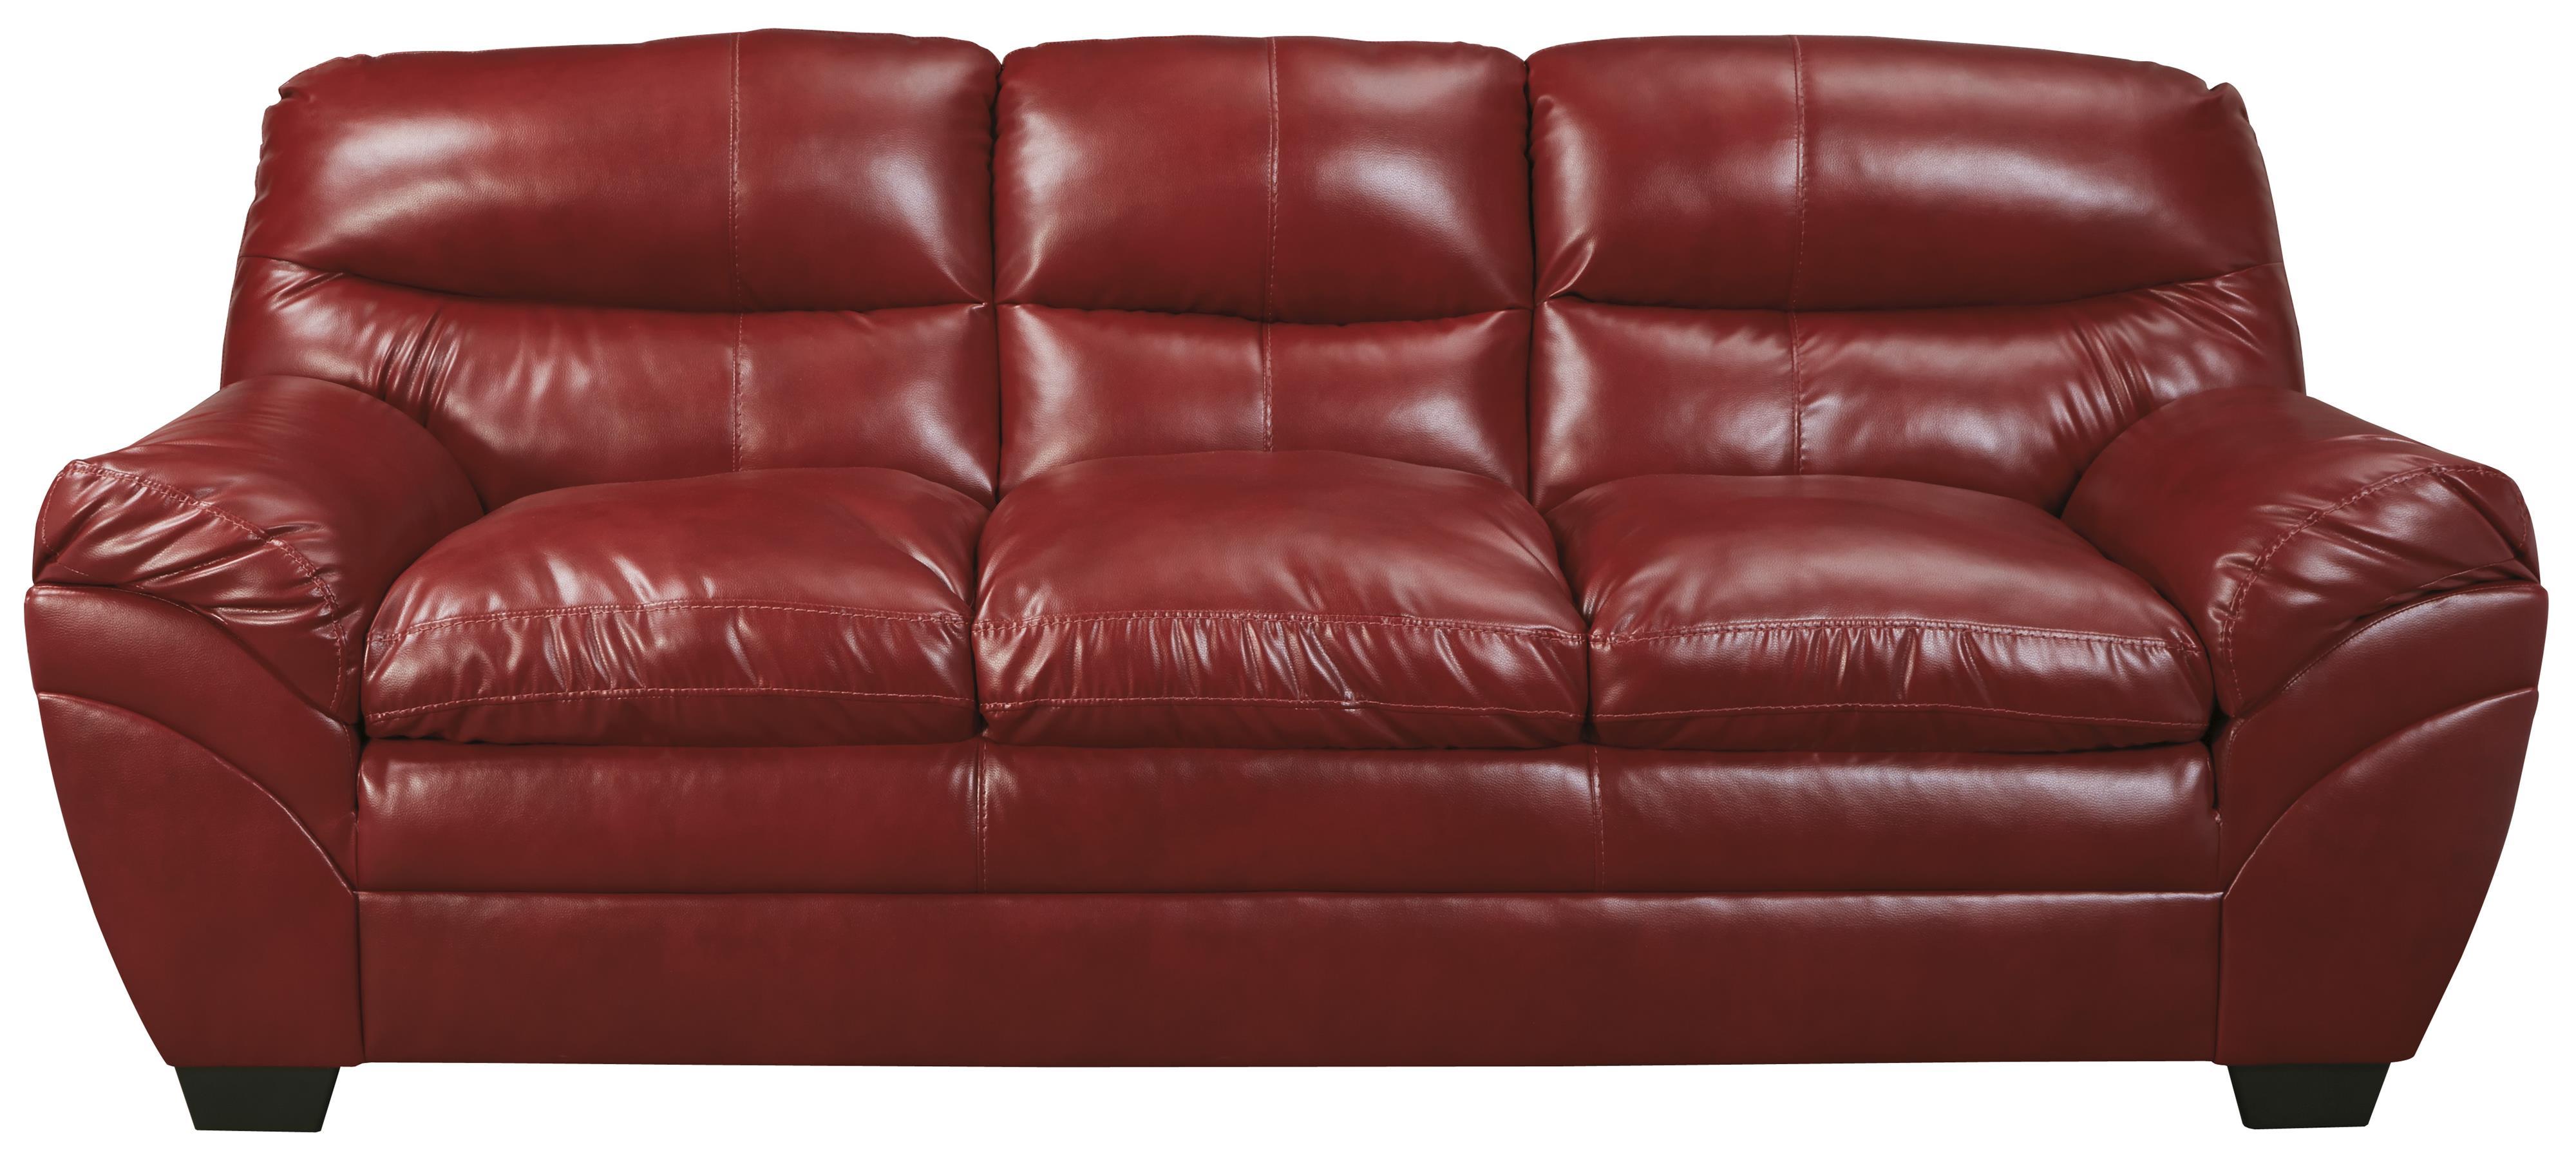 Signature Design by Ashley Tassler DuraBlend® Sofa - Item Number: 4650038